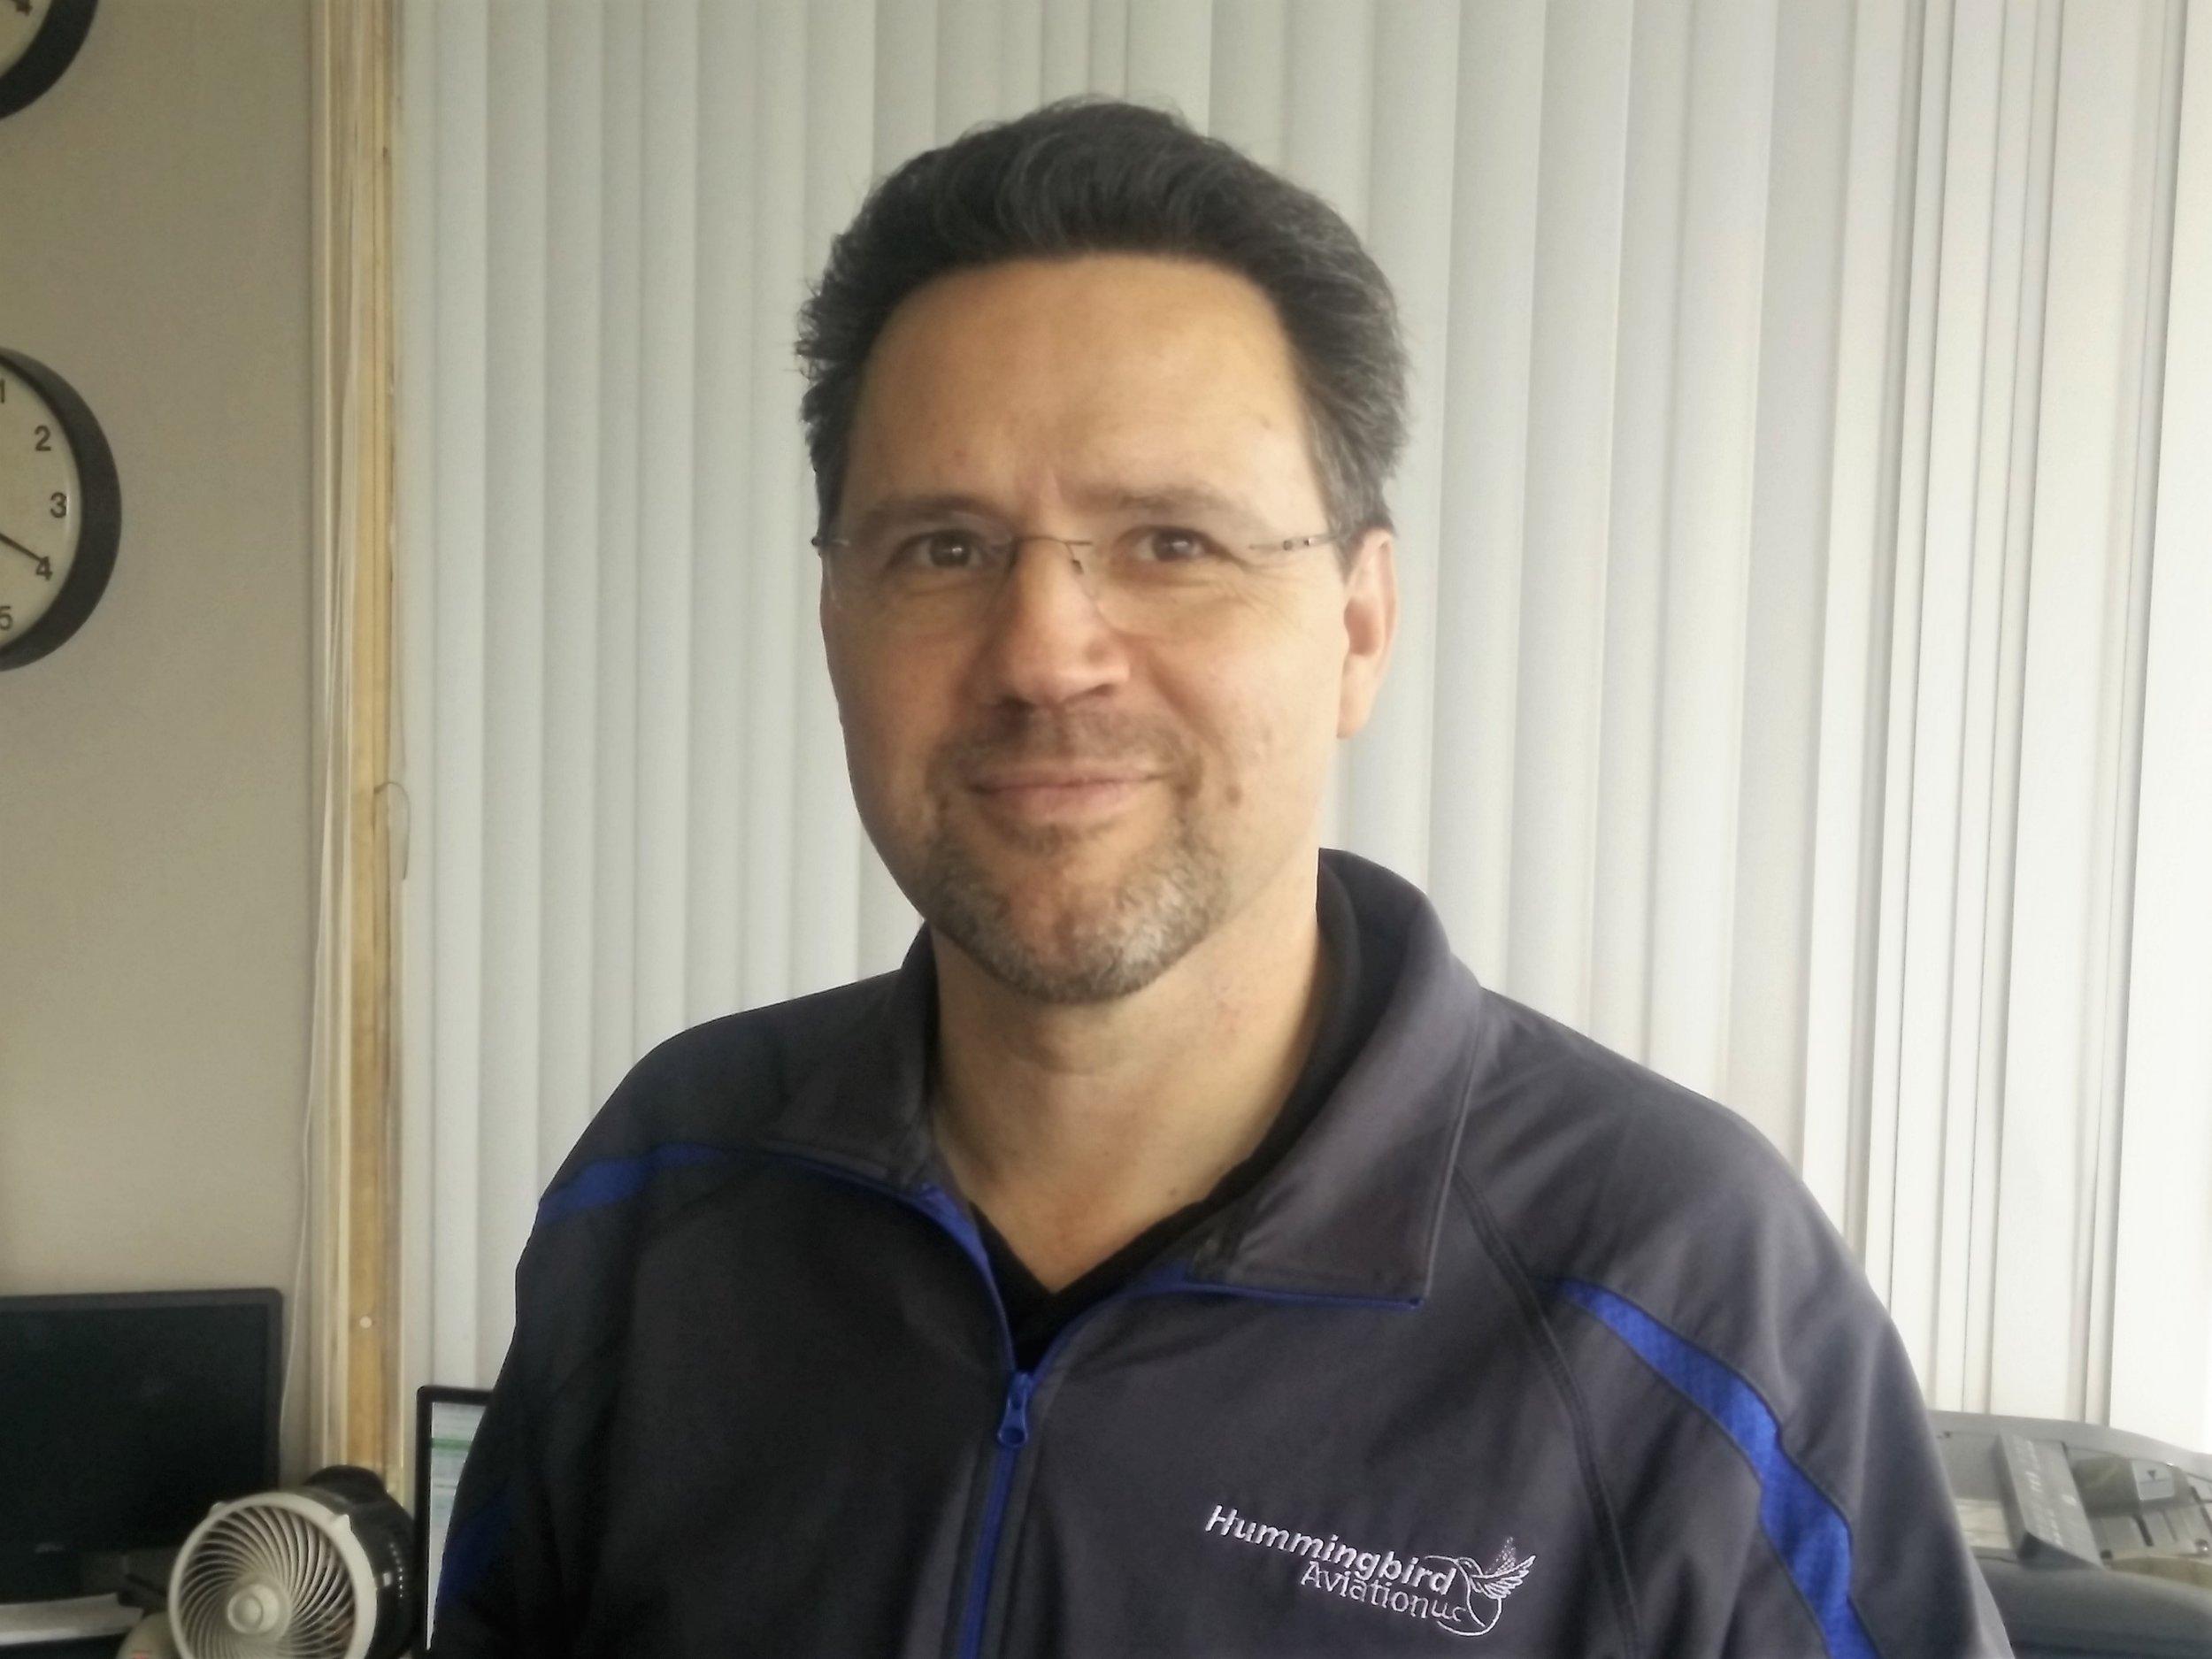 George Lichty